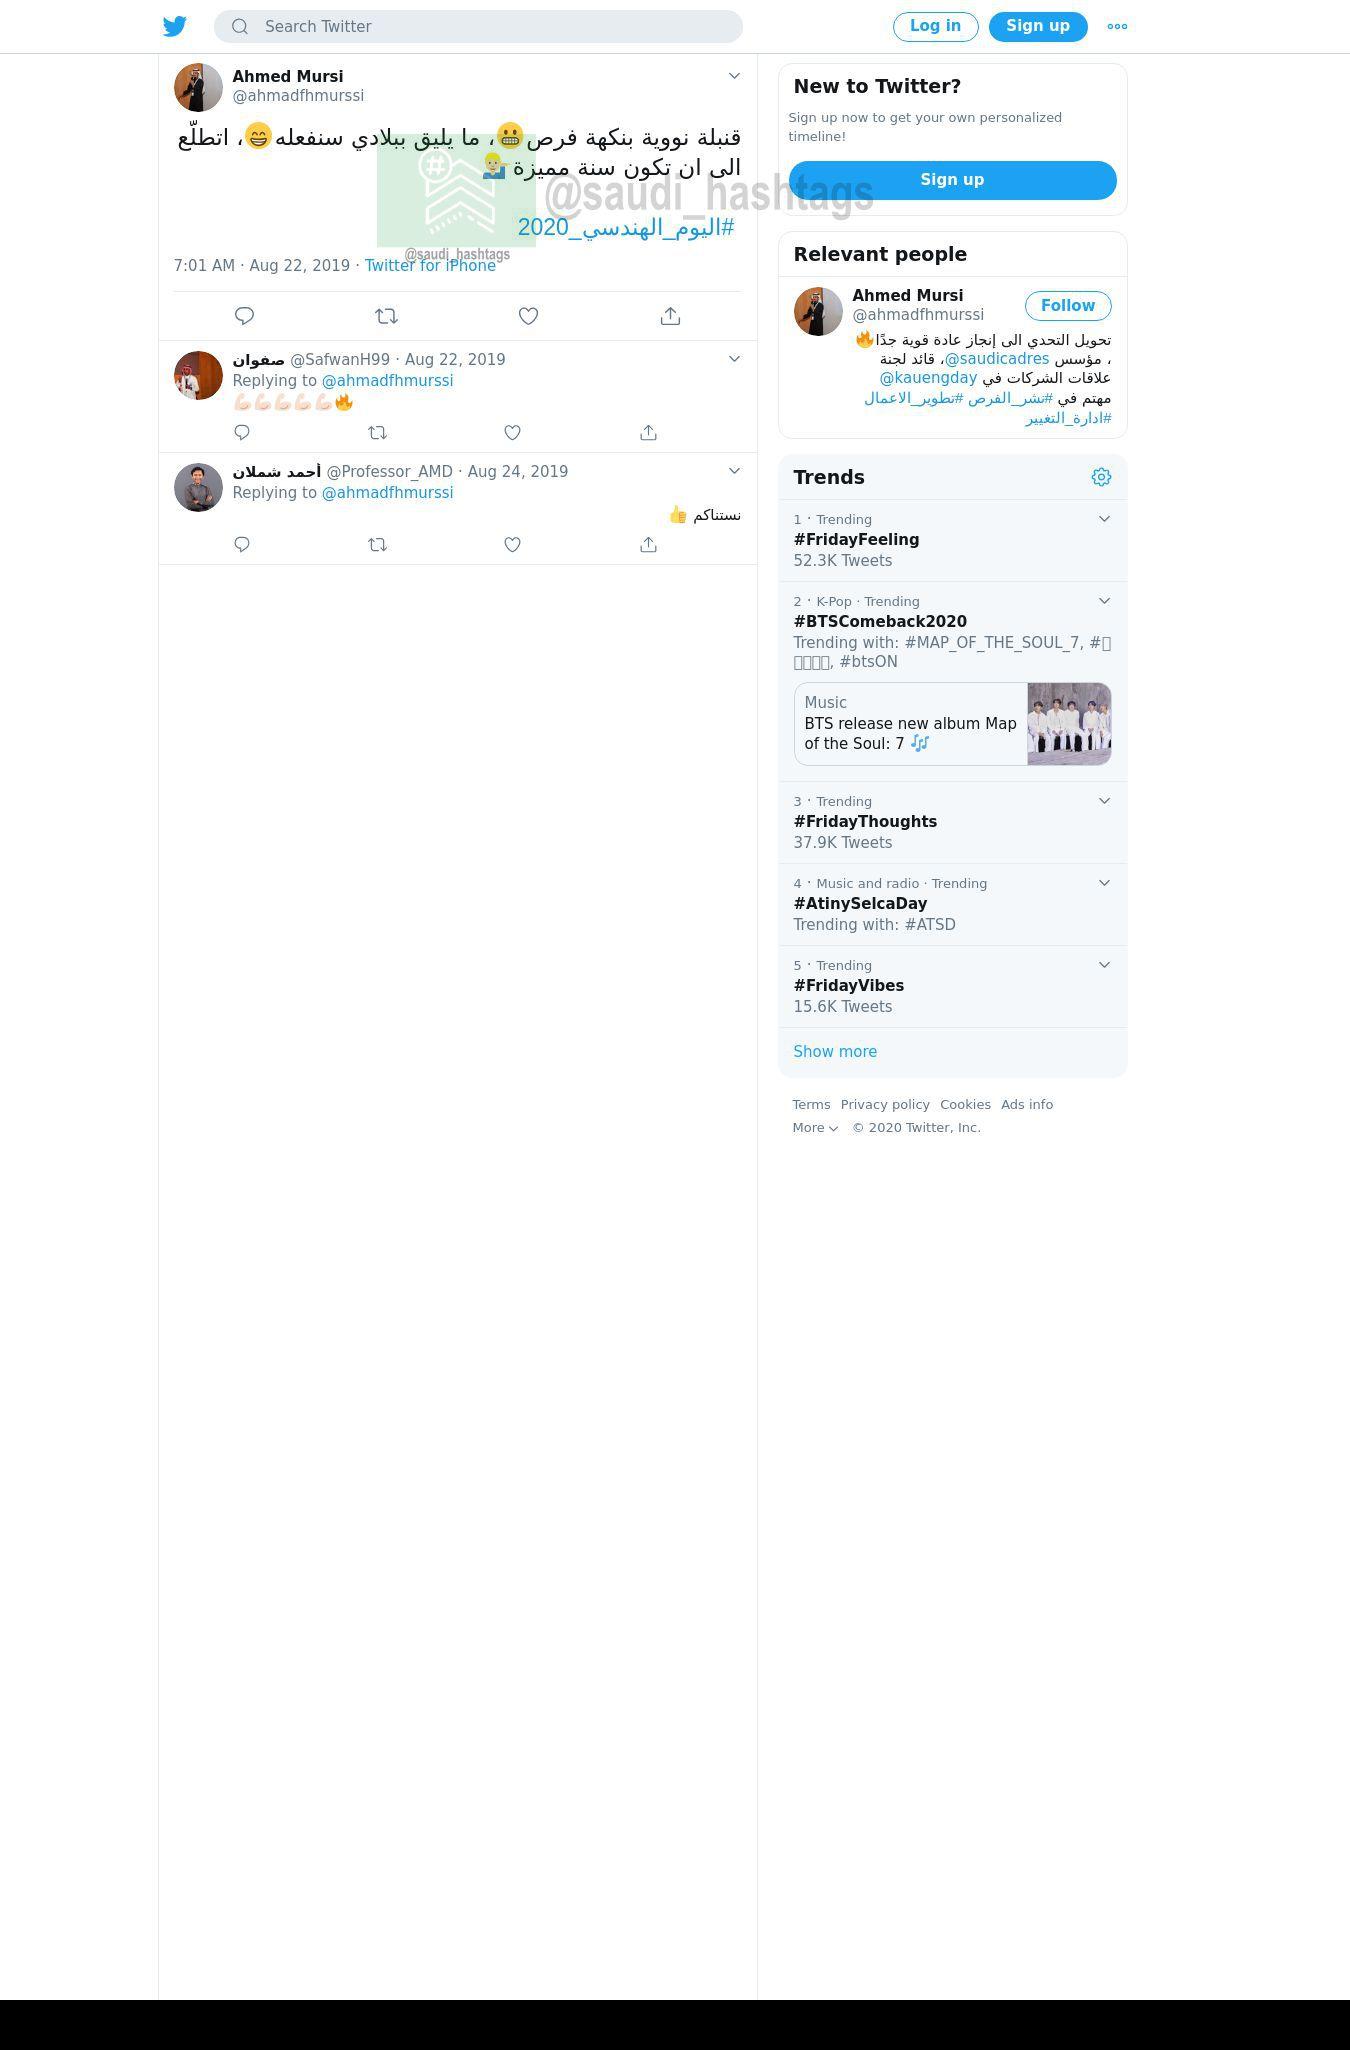 لقطة لاول تغريدة في هاشتاق #اليوم_الهندسي_2020